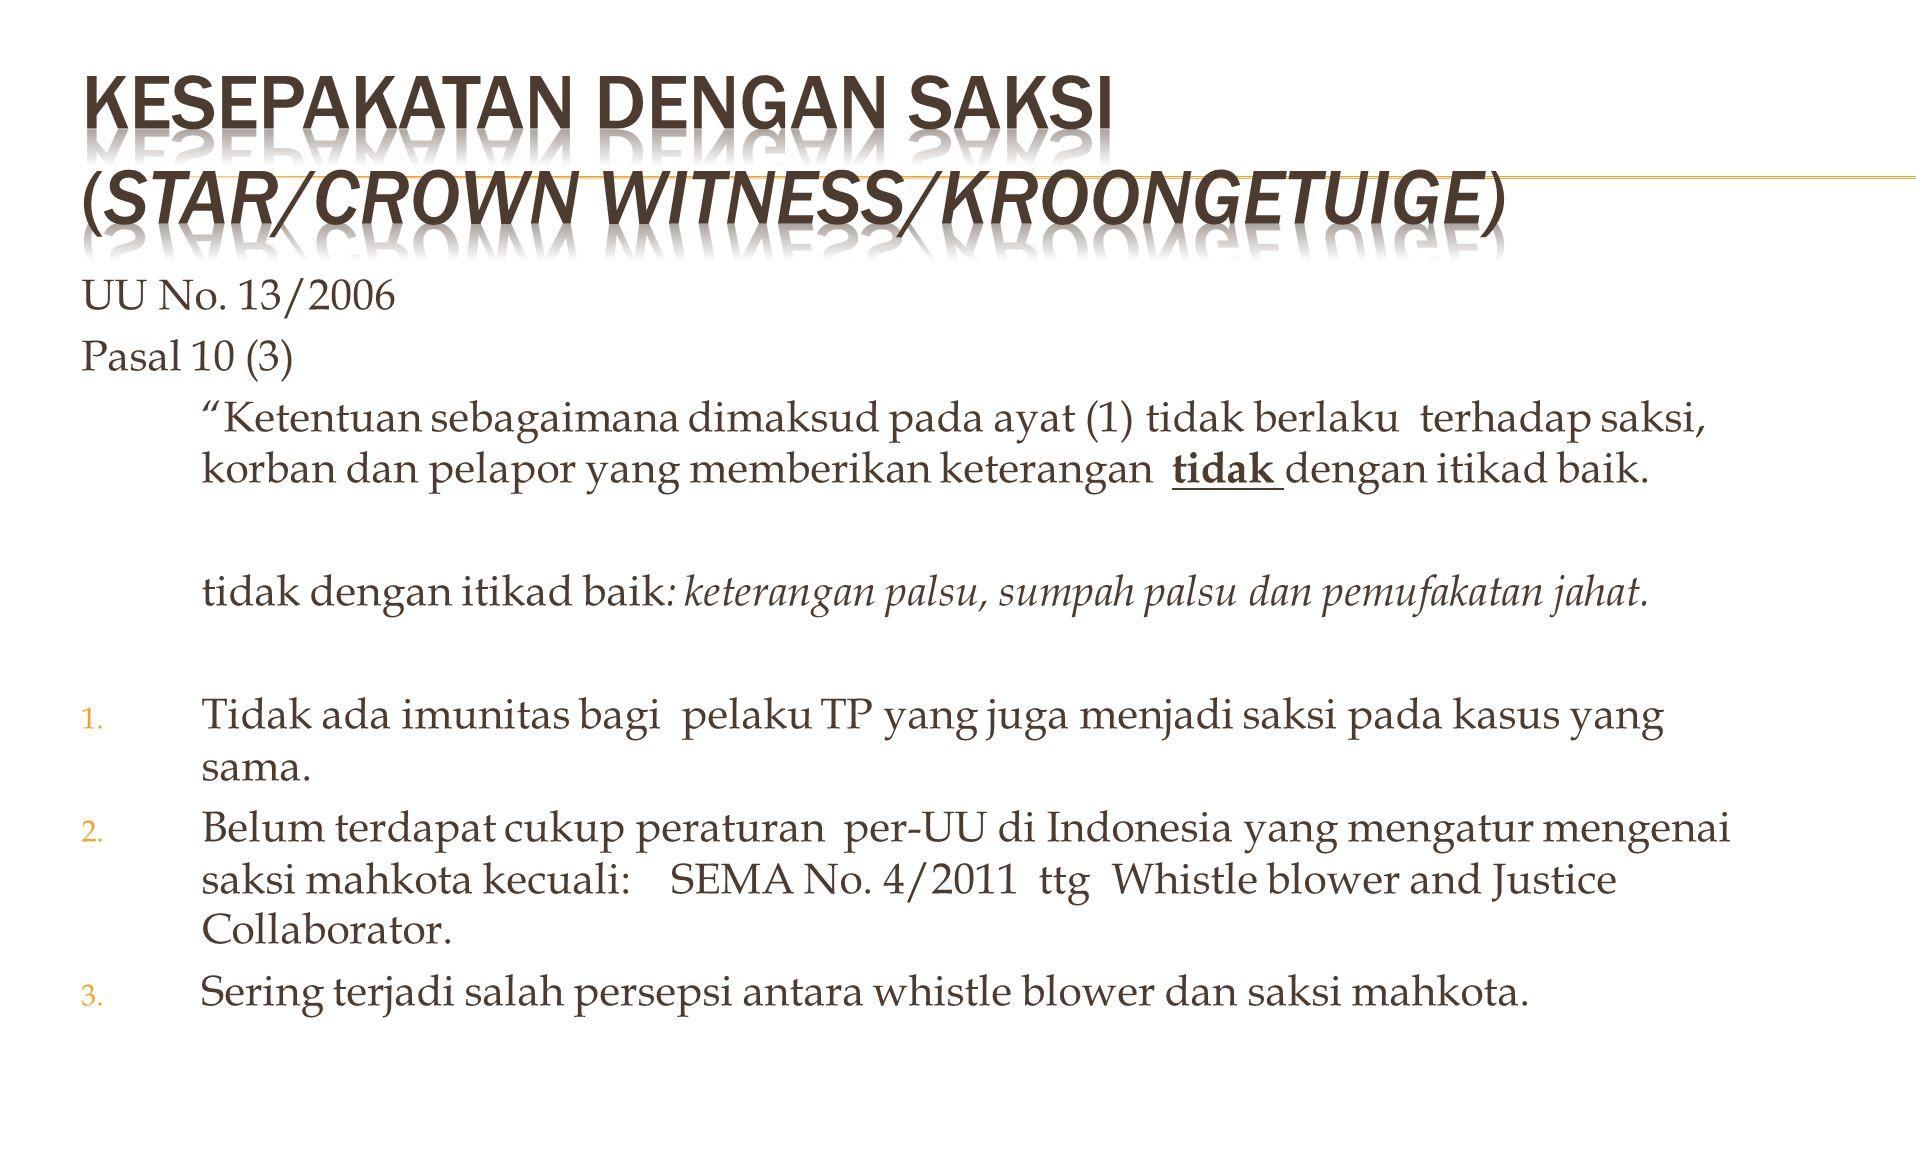 JERMANPRANCISRUSIA a)Keterangan saksi b)Keterangan ahli c)Keterangan terdakwa d)Surat e)Tidak ada AB Petunjuk.